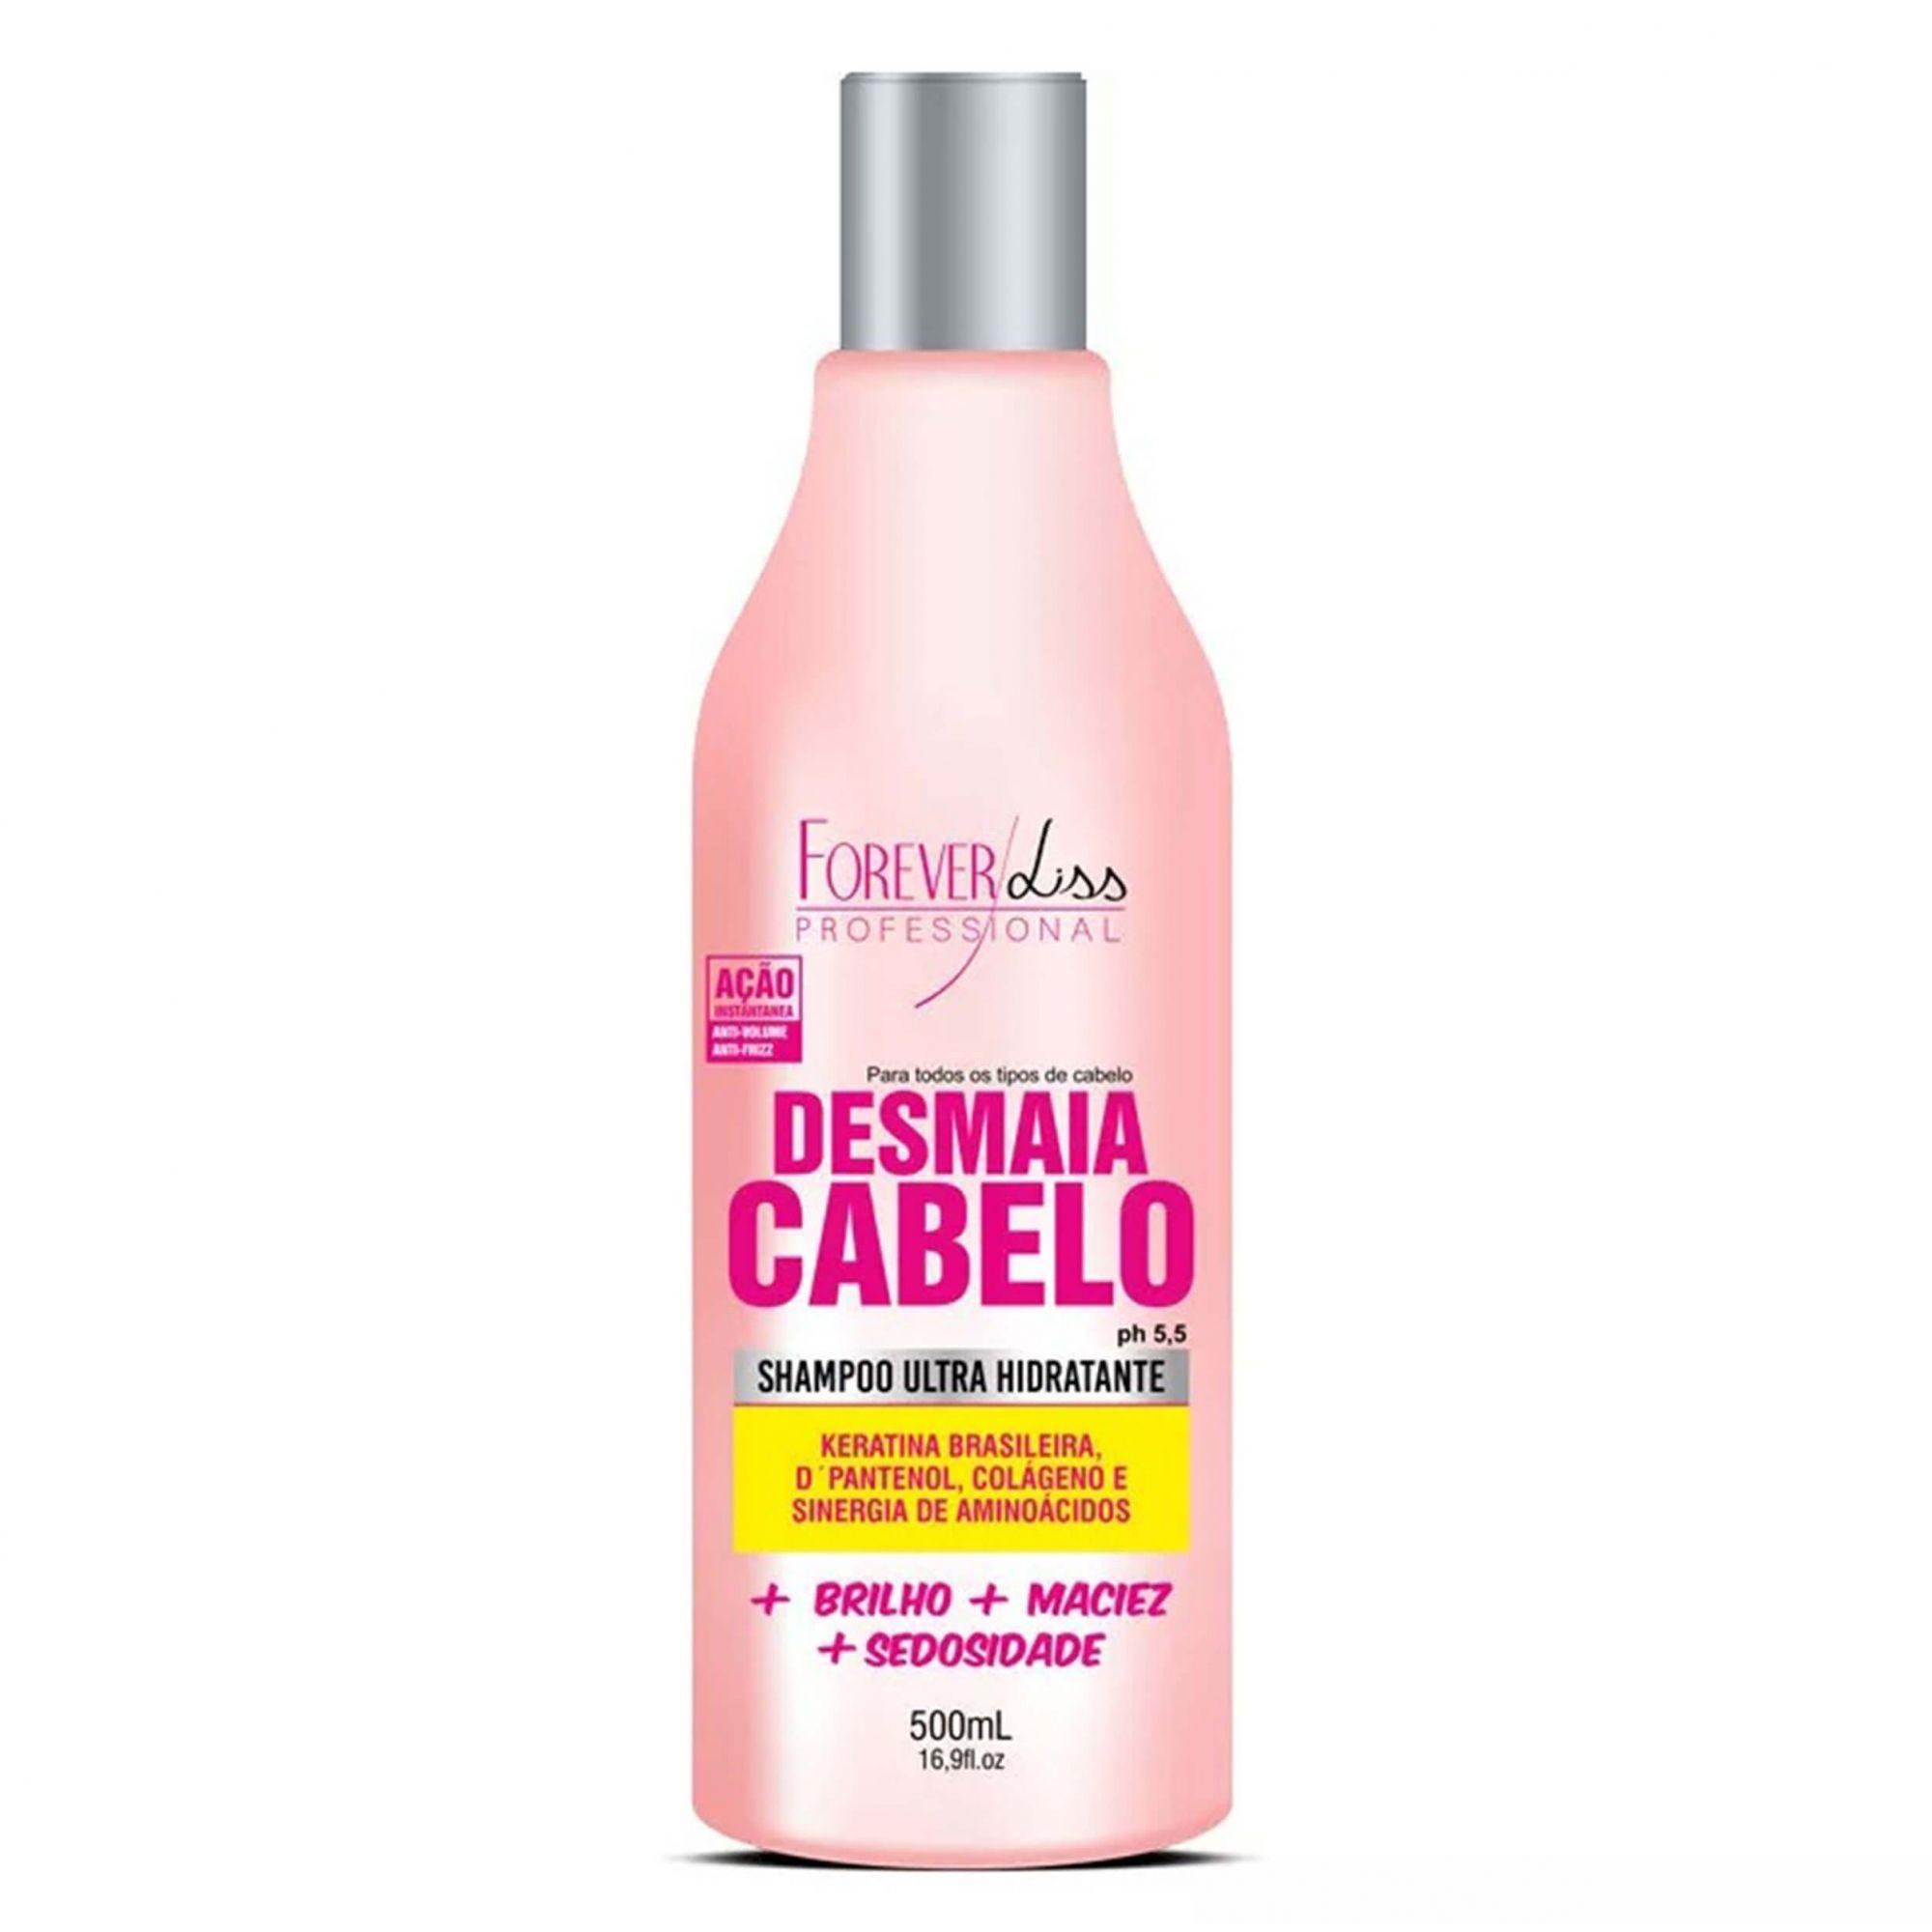 Shampoo Desmaia Cabelo Hidratante Forever Liss 500ml